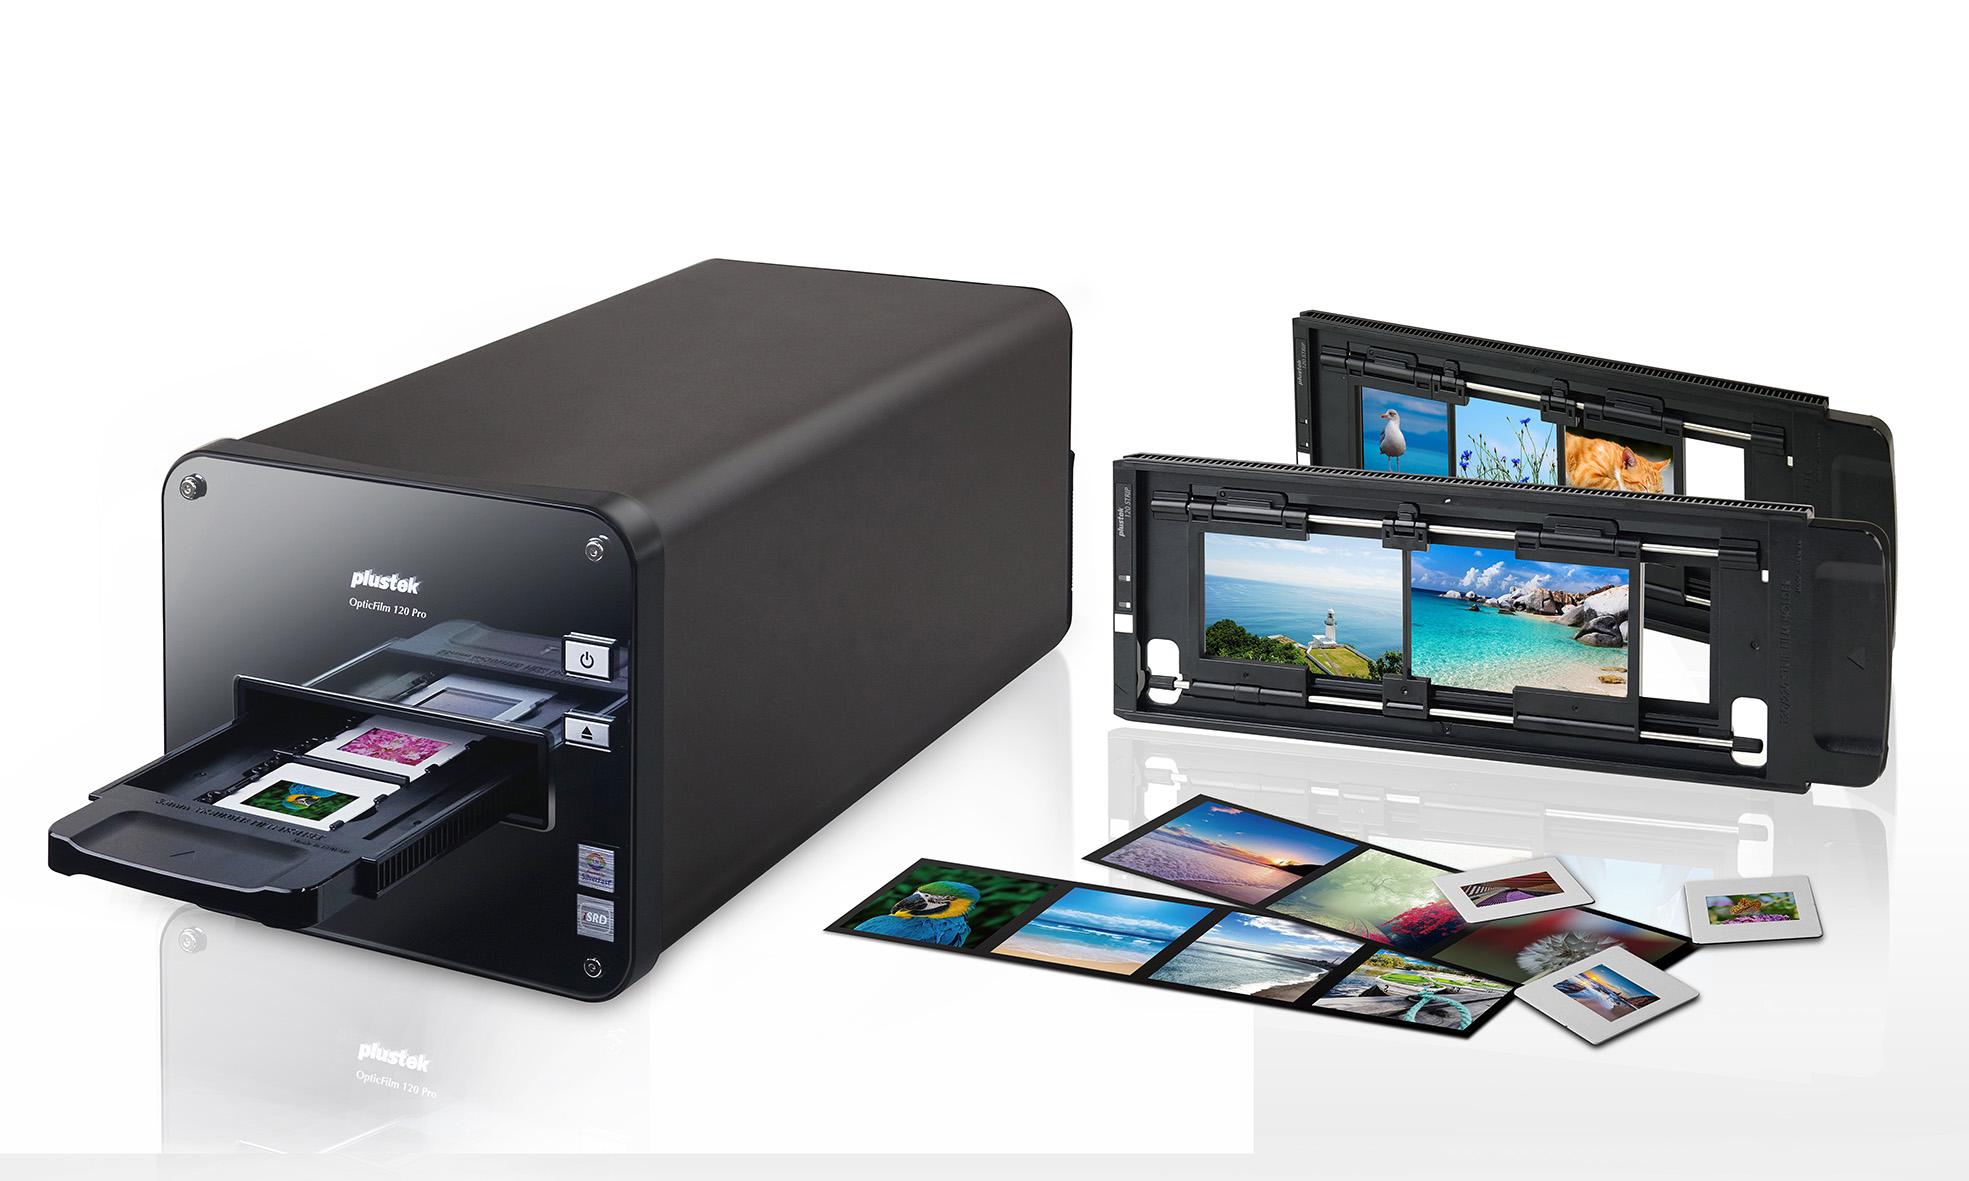 Mit dem Plustek OpticFilm 120 Pro kann man Filmschätze in neuer, digitaler Qualität erleben.